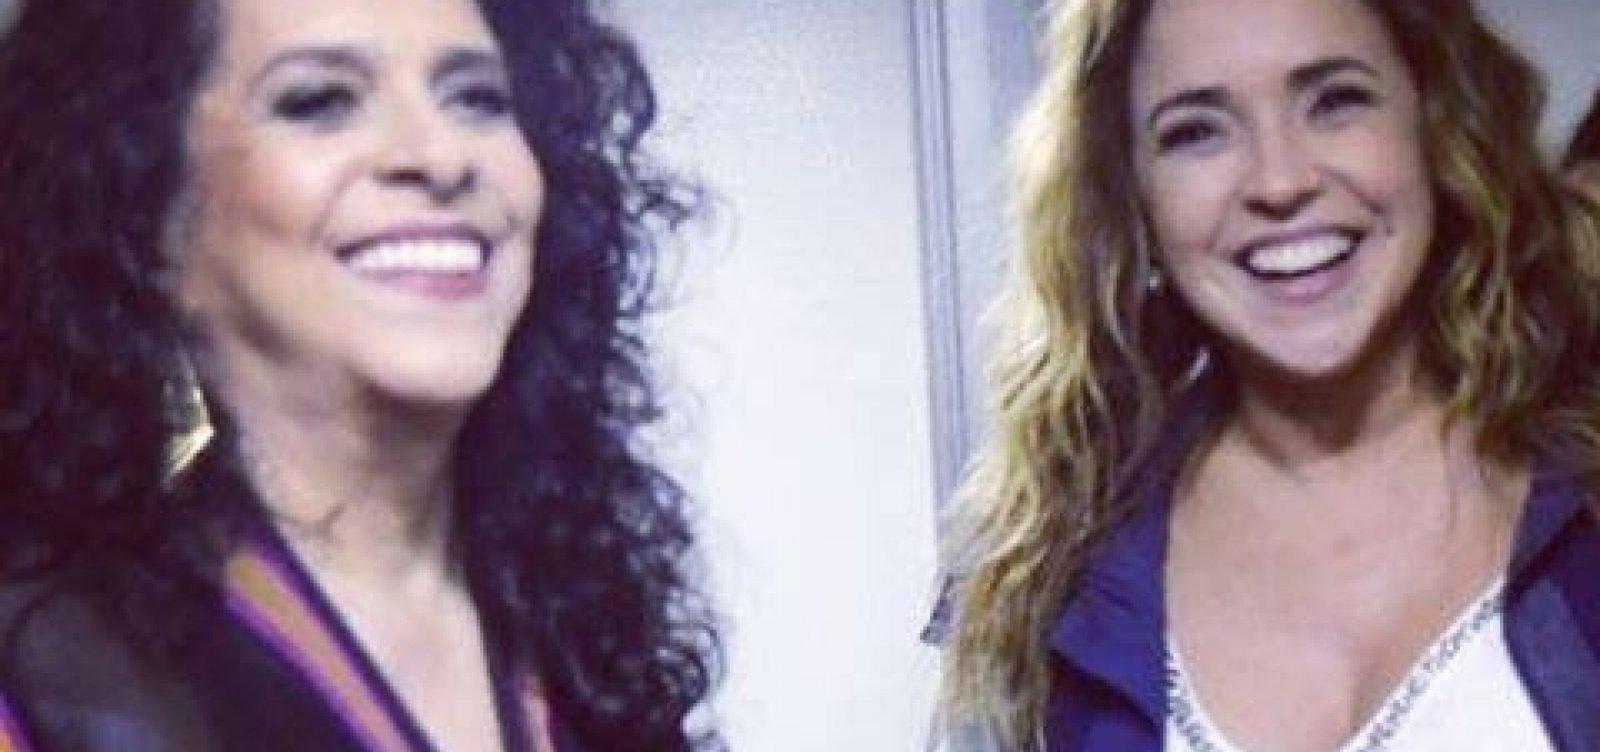 [Em homenagem a Moraes Moreira, Daniela Mercury lança nova música com Gal Costa]